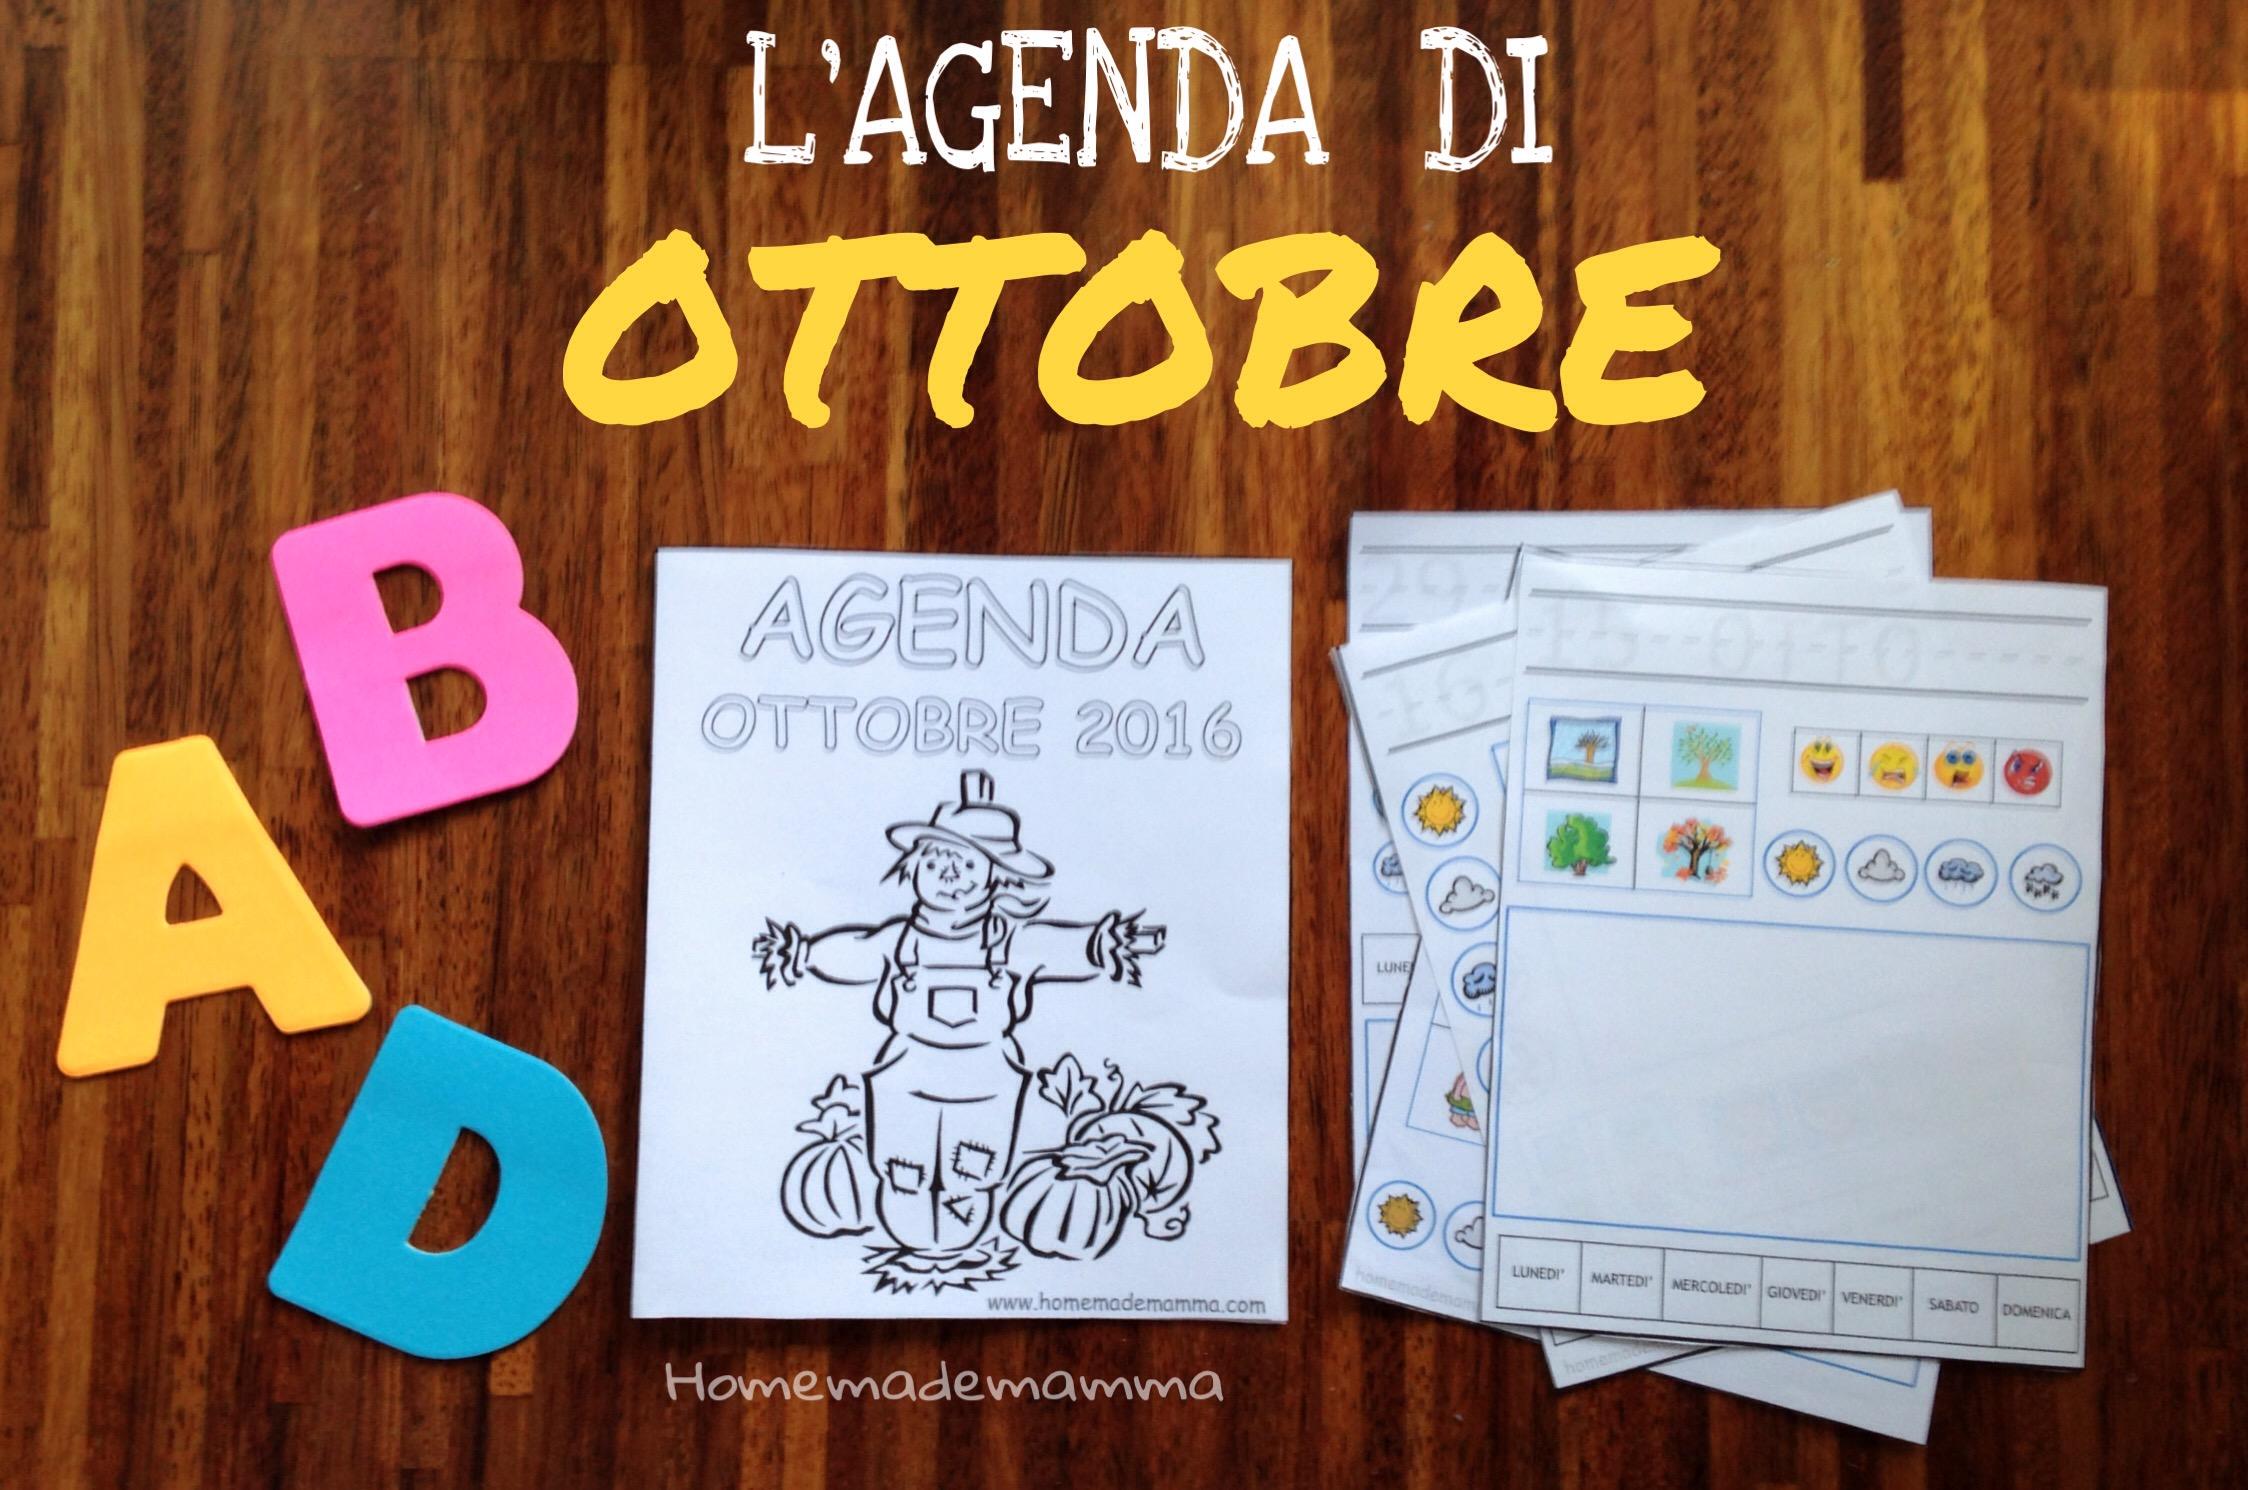 agenda diario per bambini da stampare ottobre